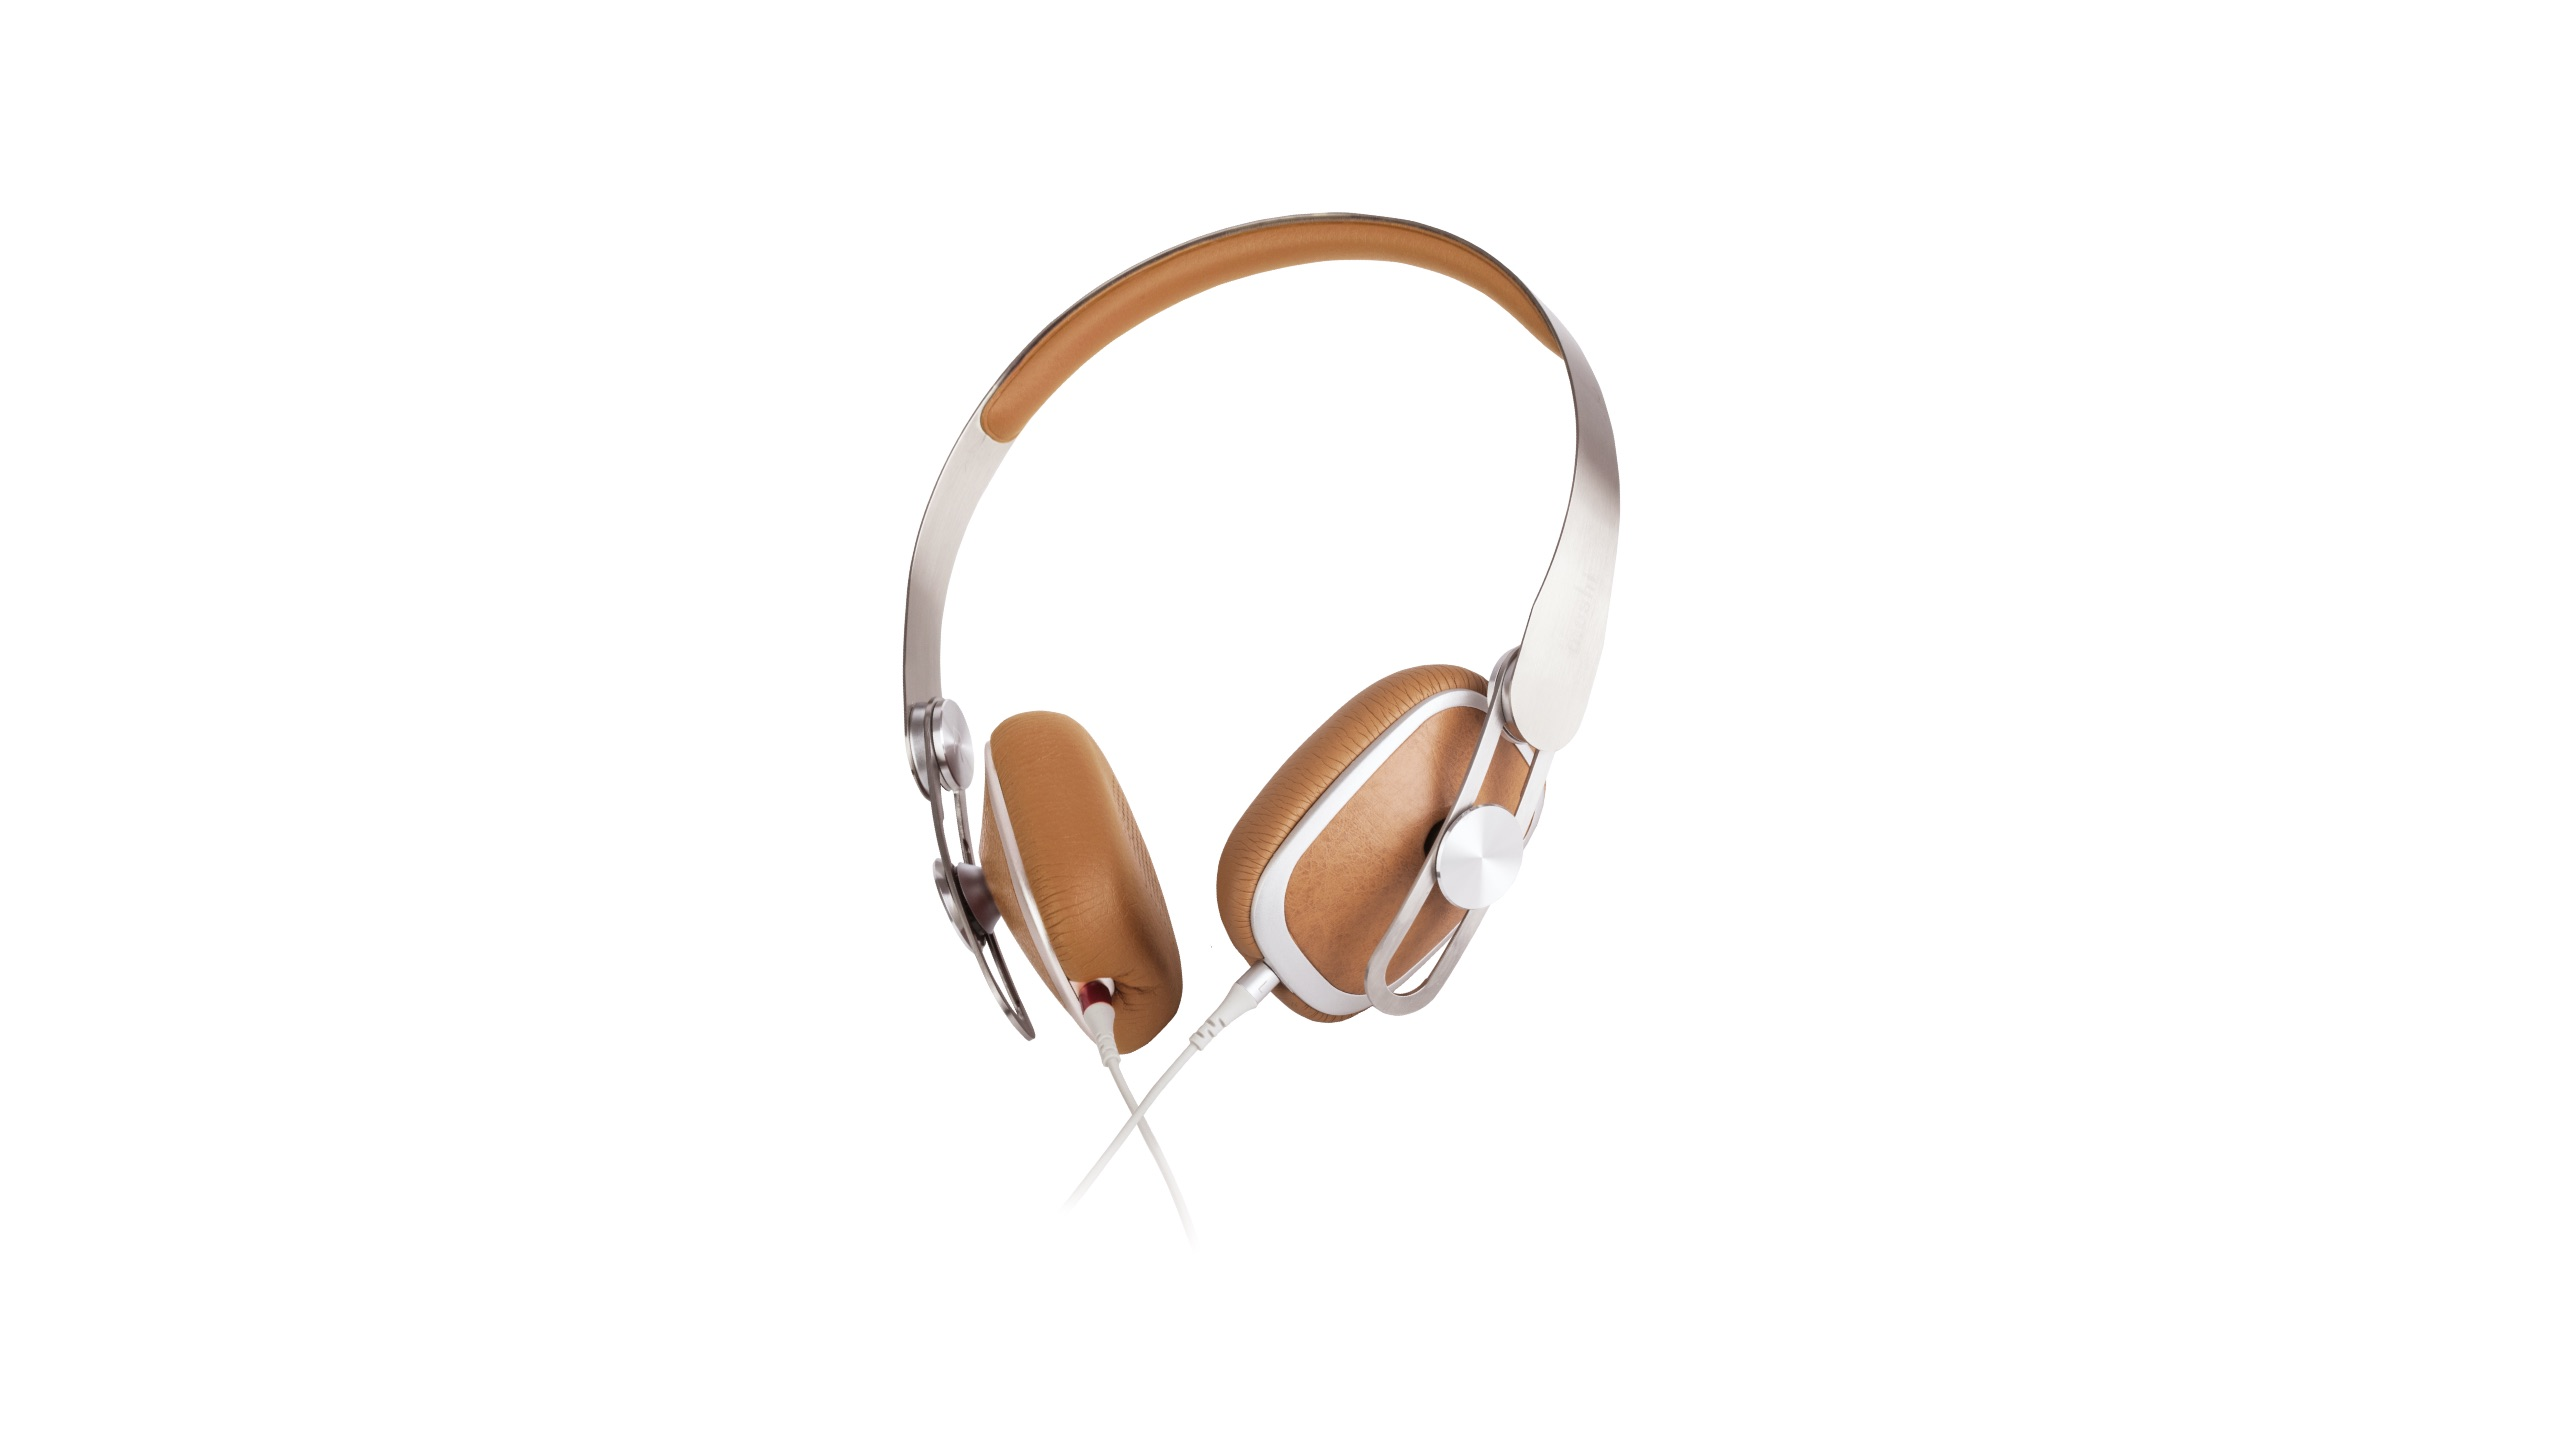 Avanti C USB Type-C On-ear Headphones-image